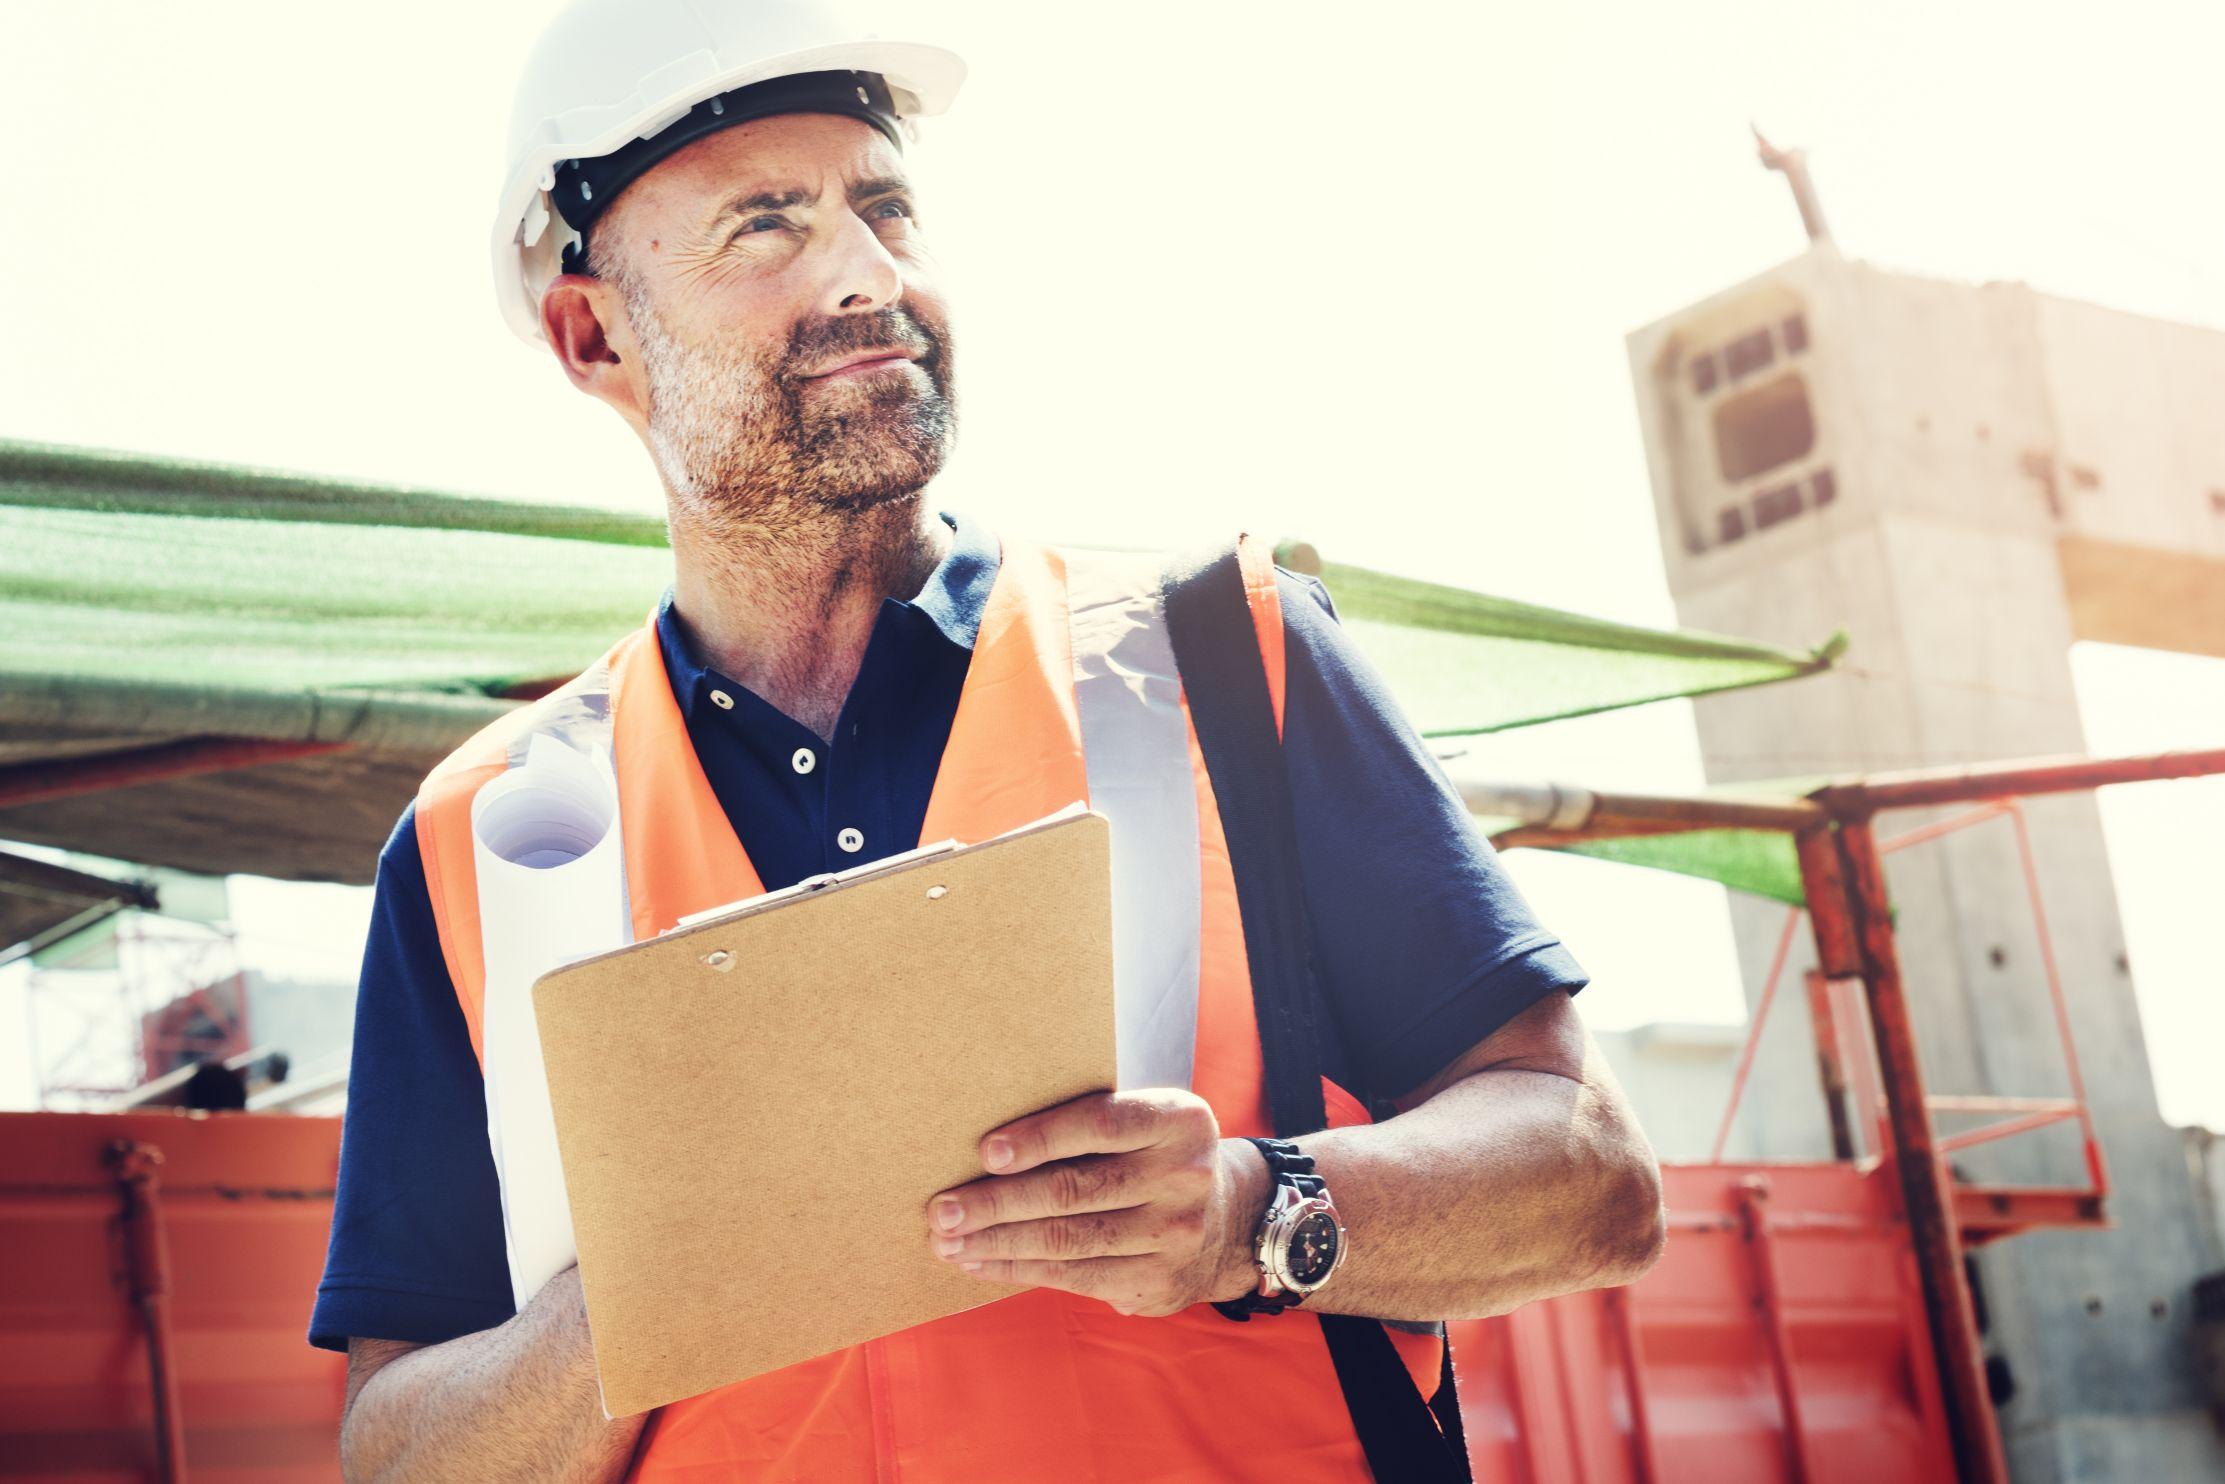 Europejska Agencja ds. Bezpieczeństwa i Zdrowia w Miejscu Pracy podkreśla, że konieczne jest dostosowanie systemu edukacji i szkoleń dla pracowników. (fot. Koalicja Bezpieczni w Pracy/materiały prasowe)